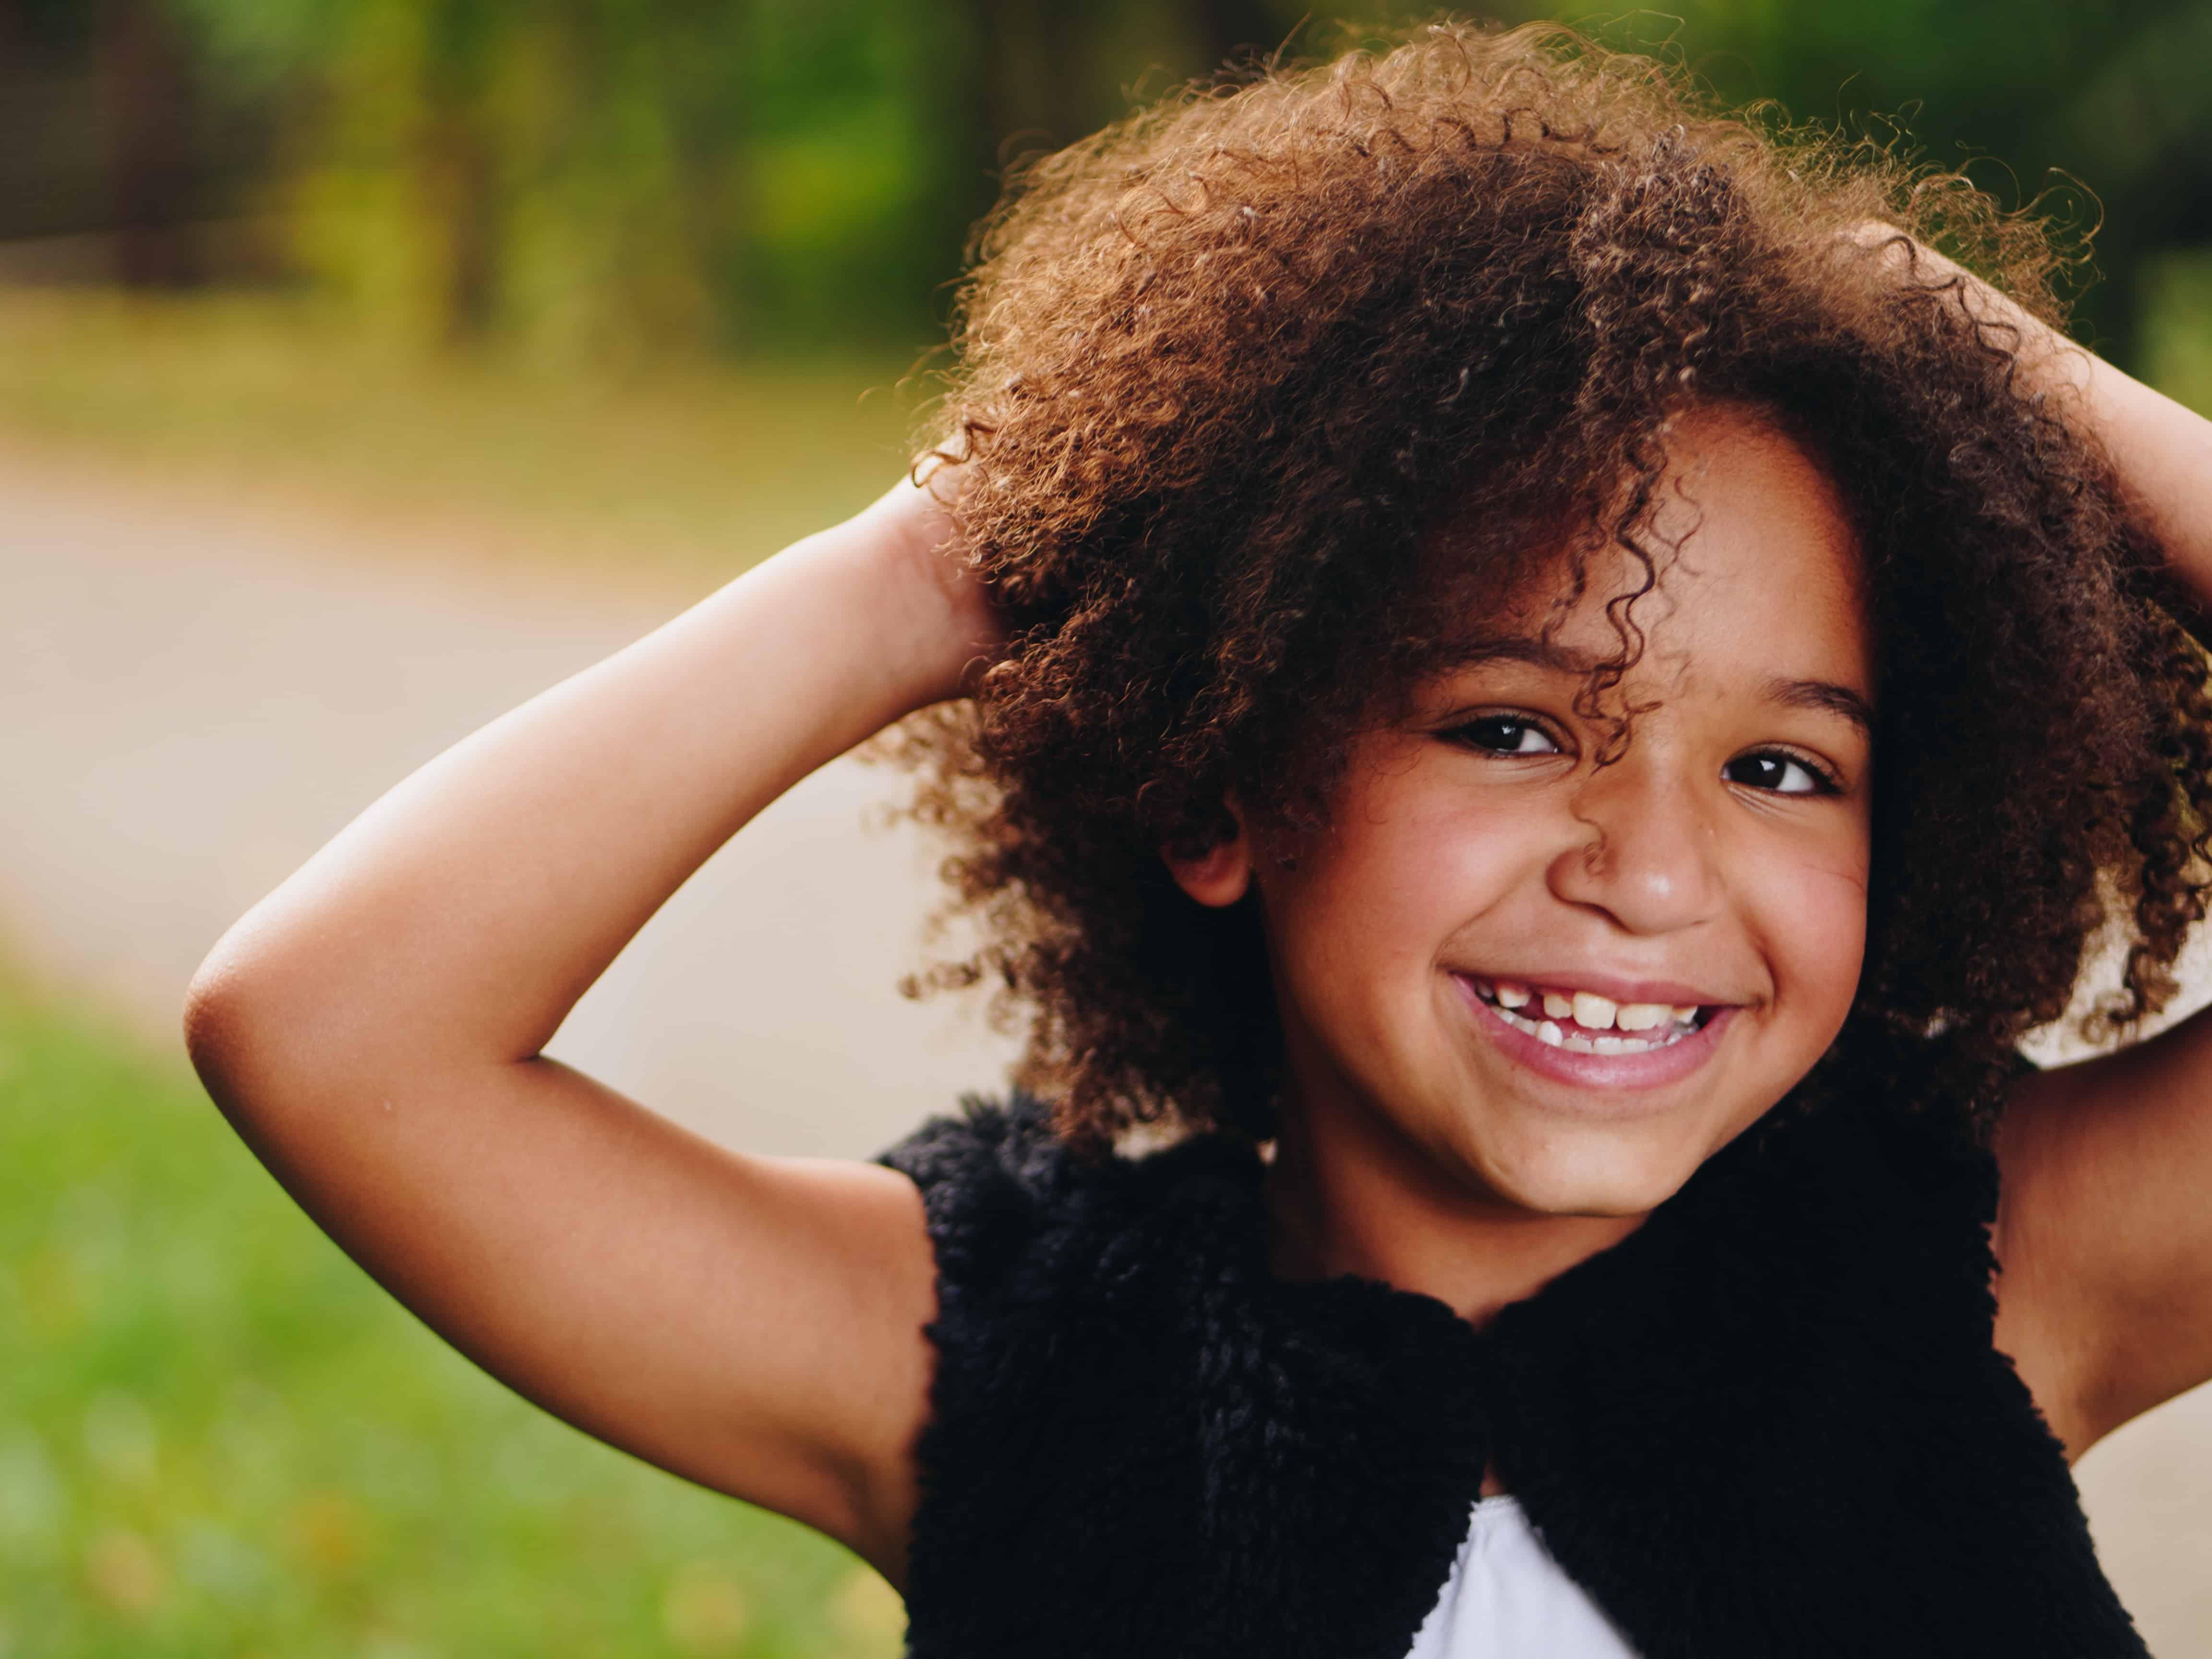 criança negra com o cabelo enrolado sorrindo